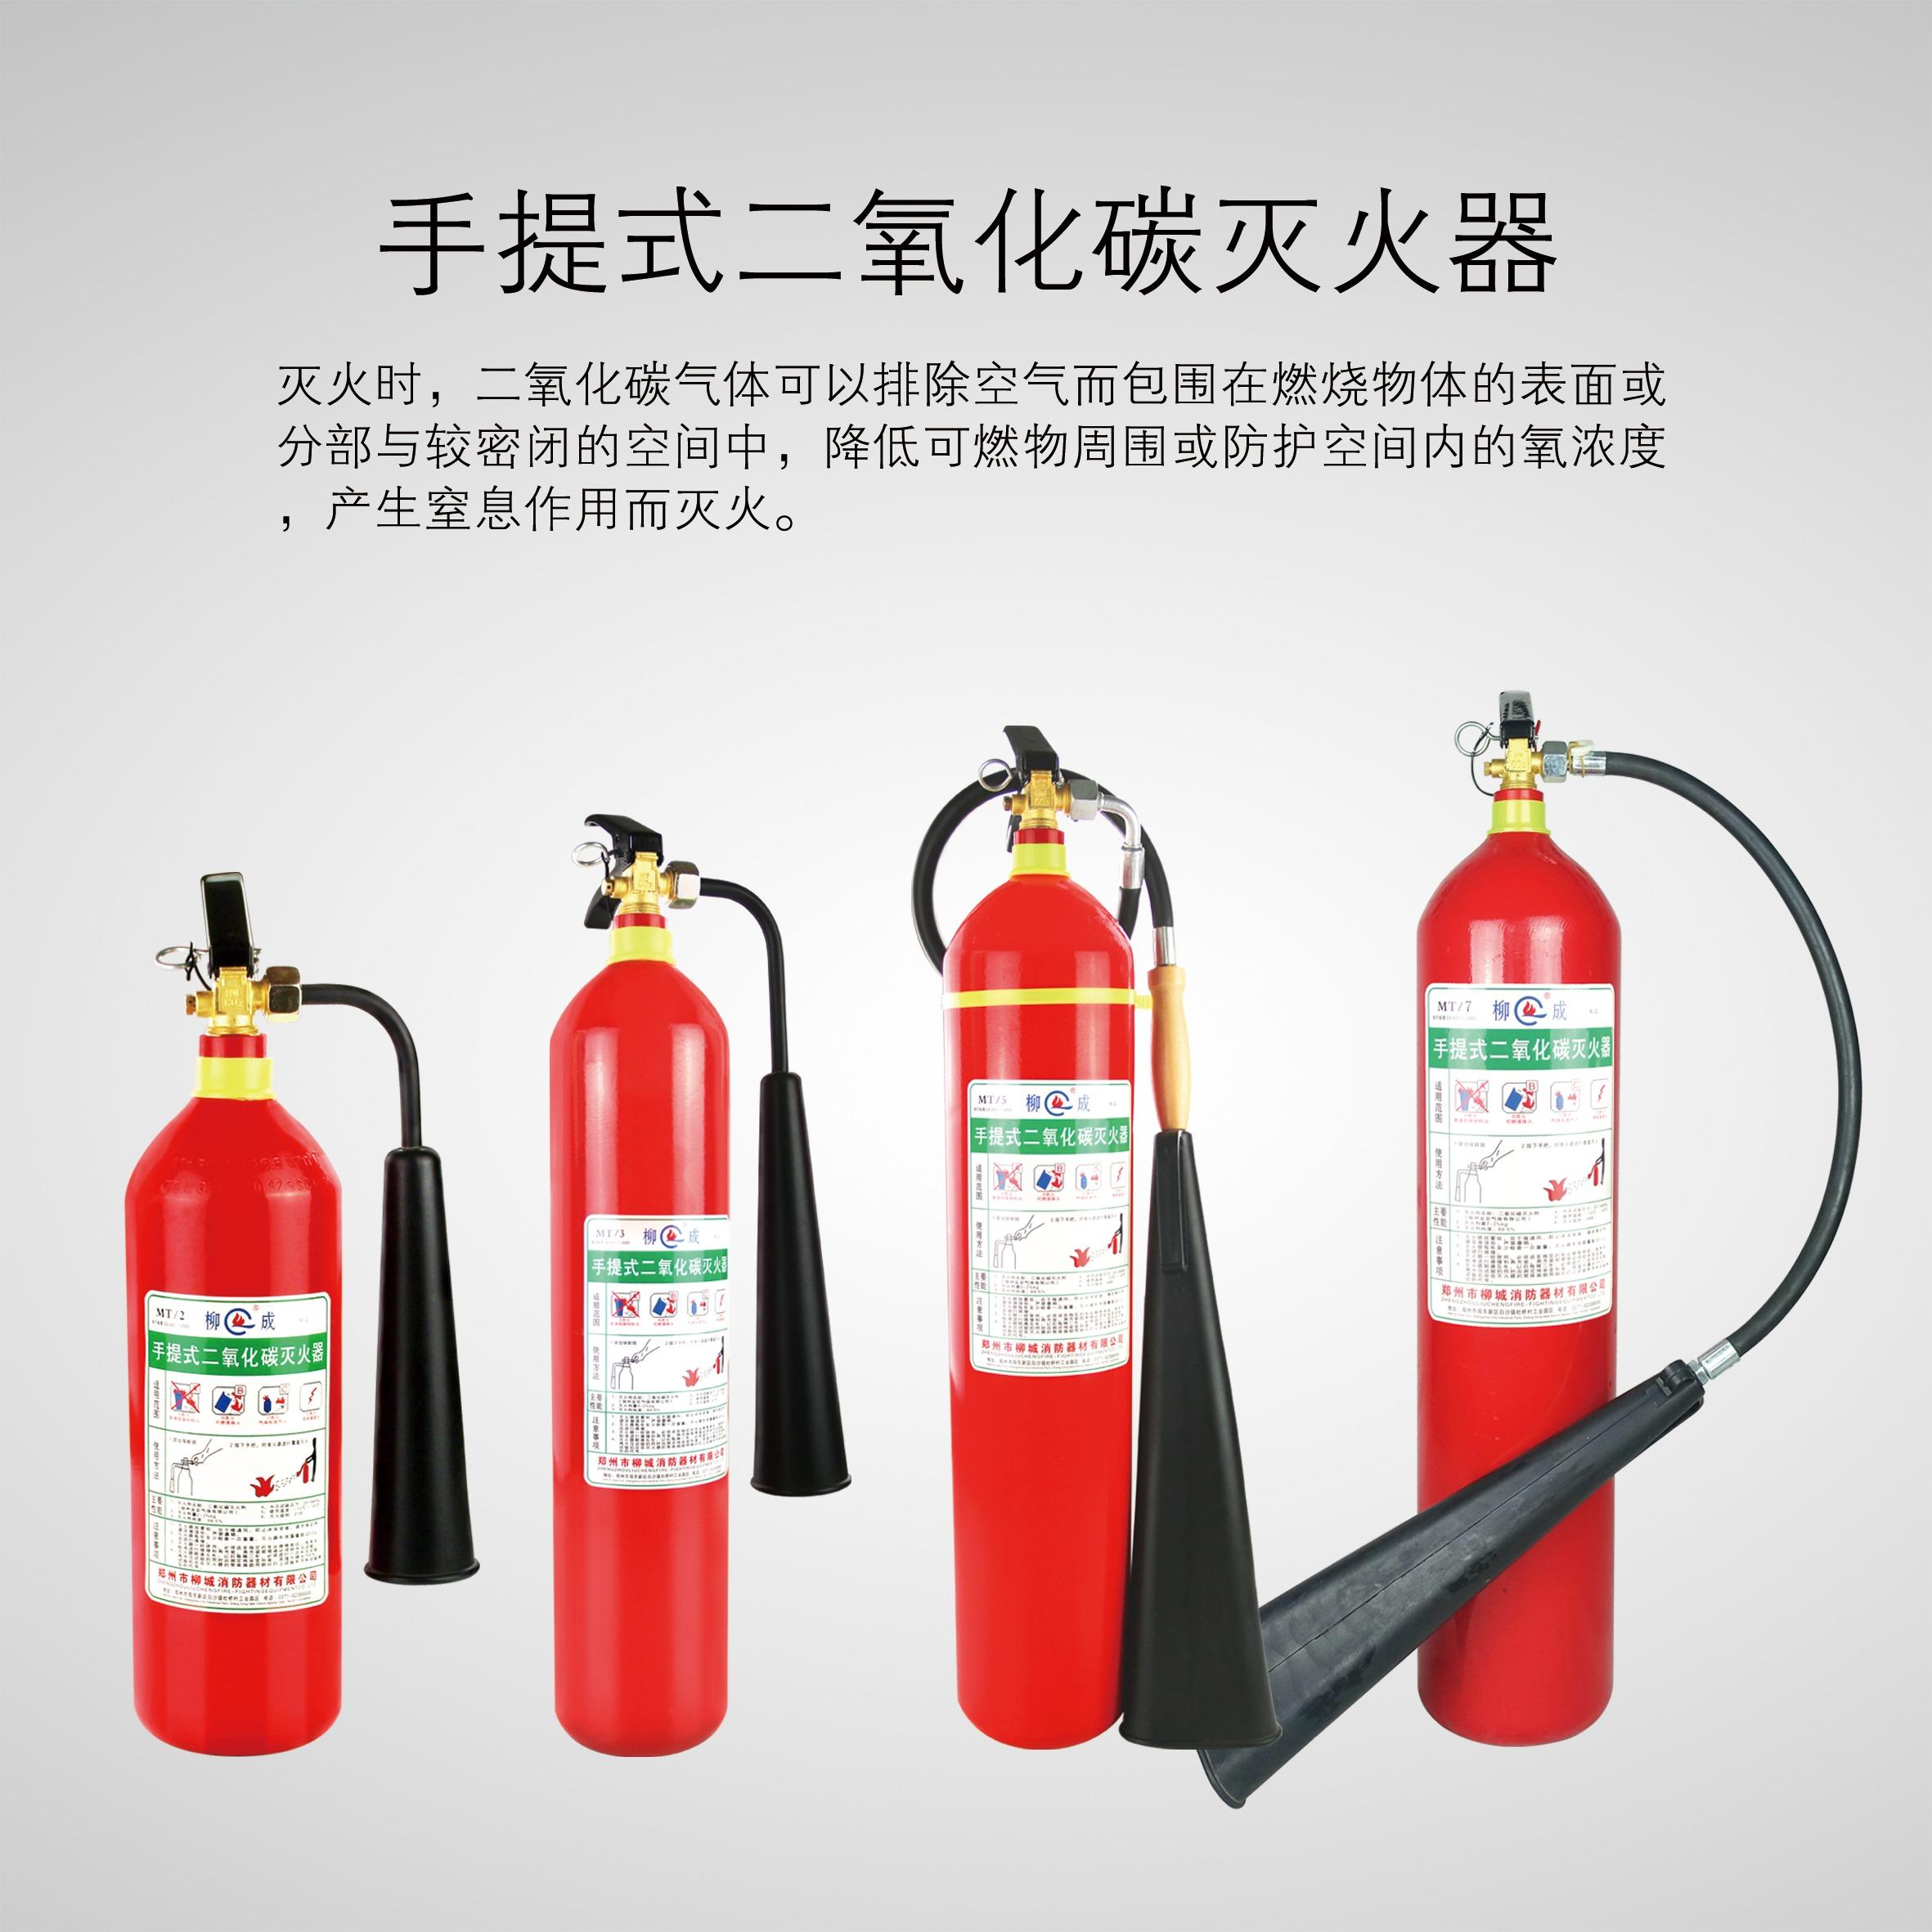 手提式二氧化碳灭火器